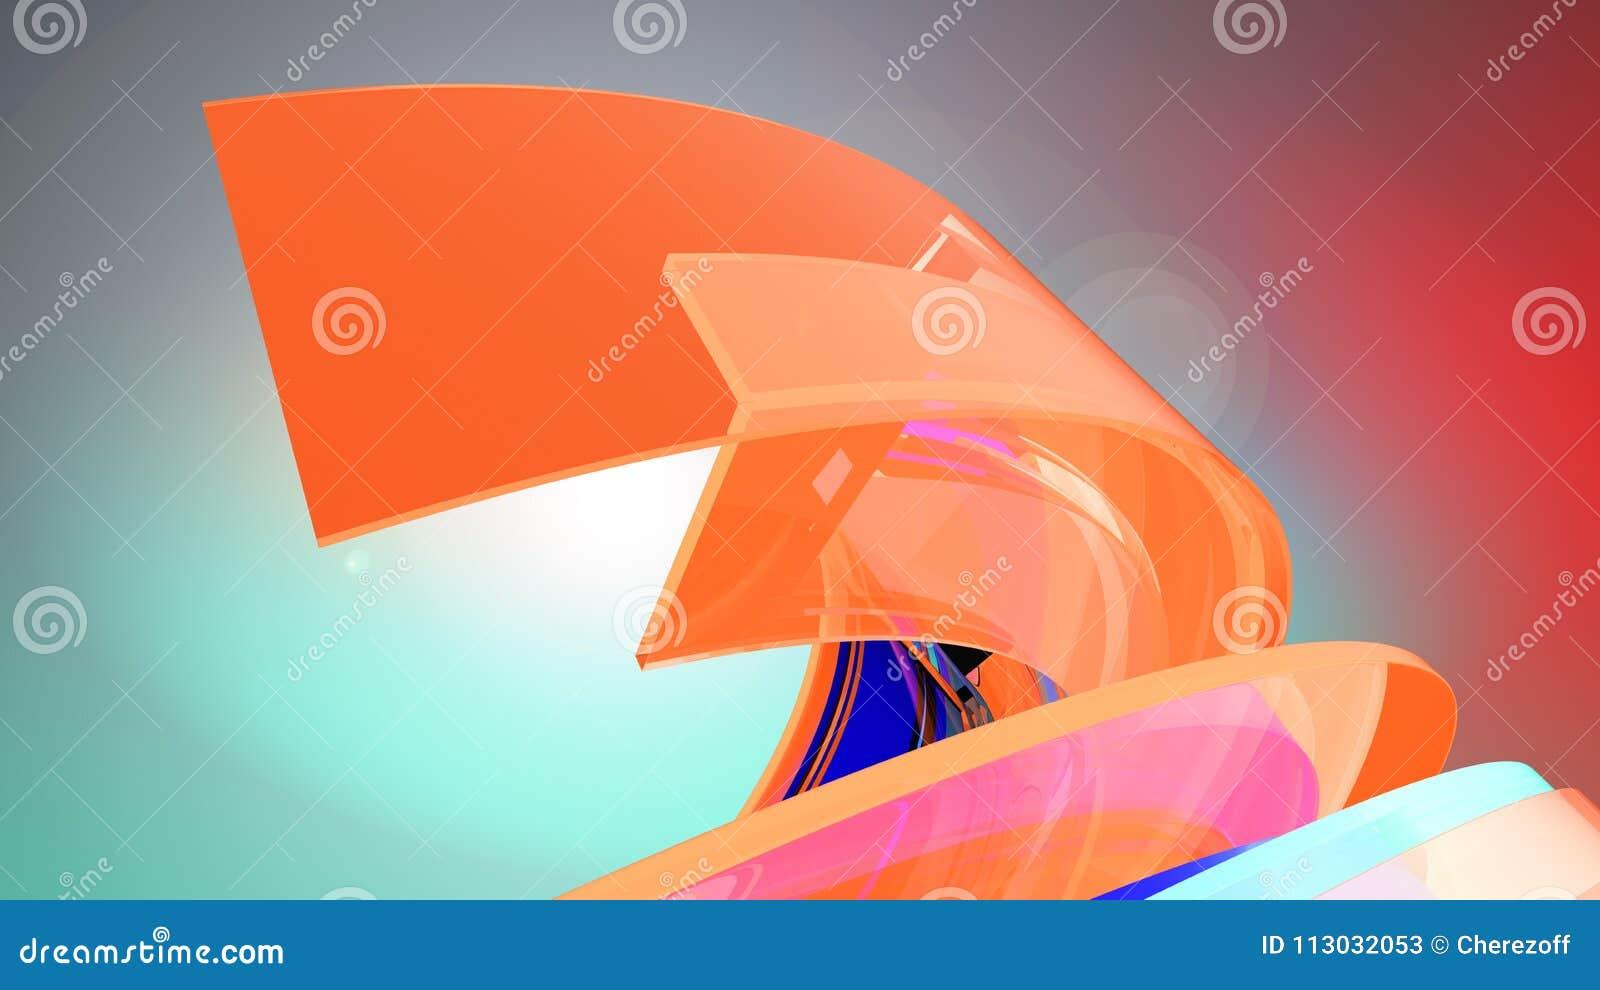 Fondo abstracto Curvy ilustración 3D